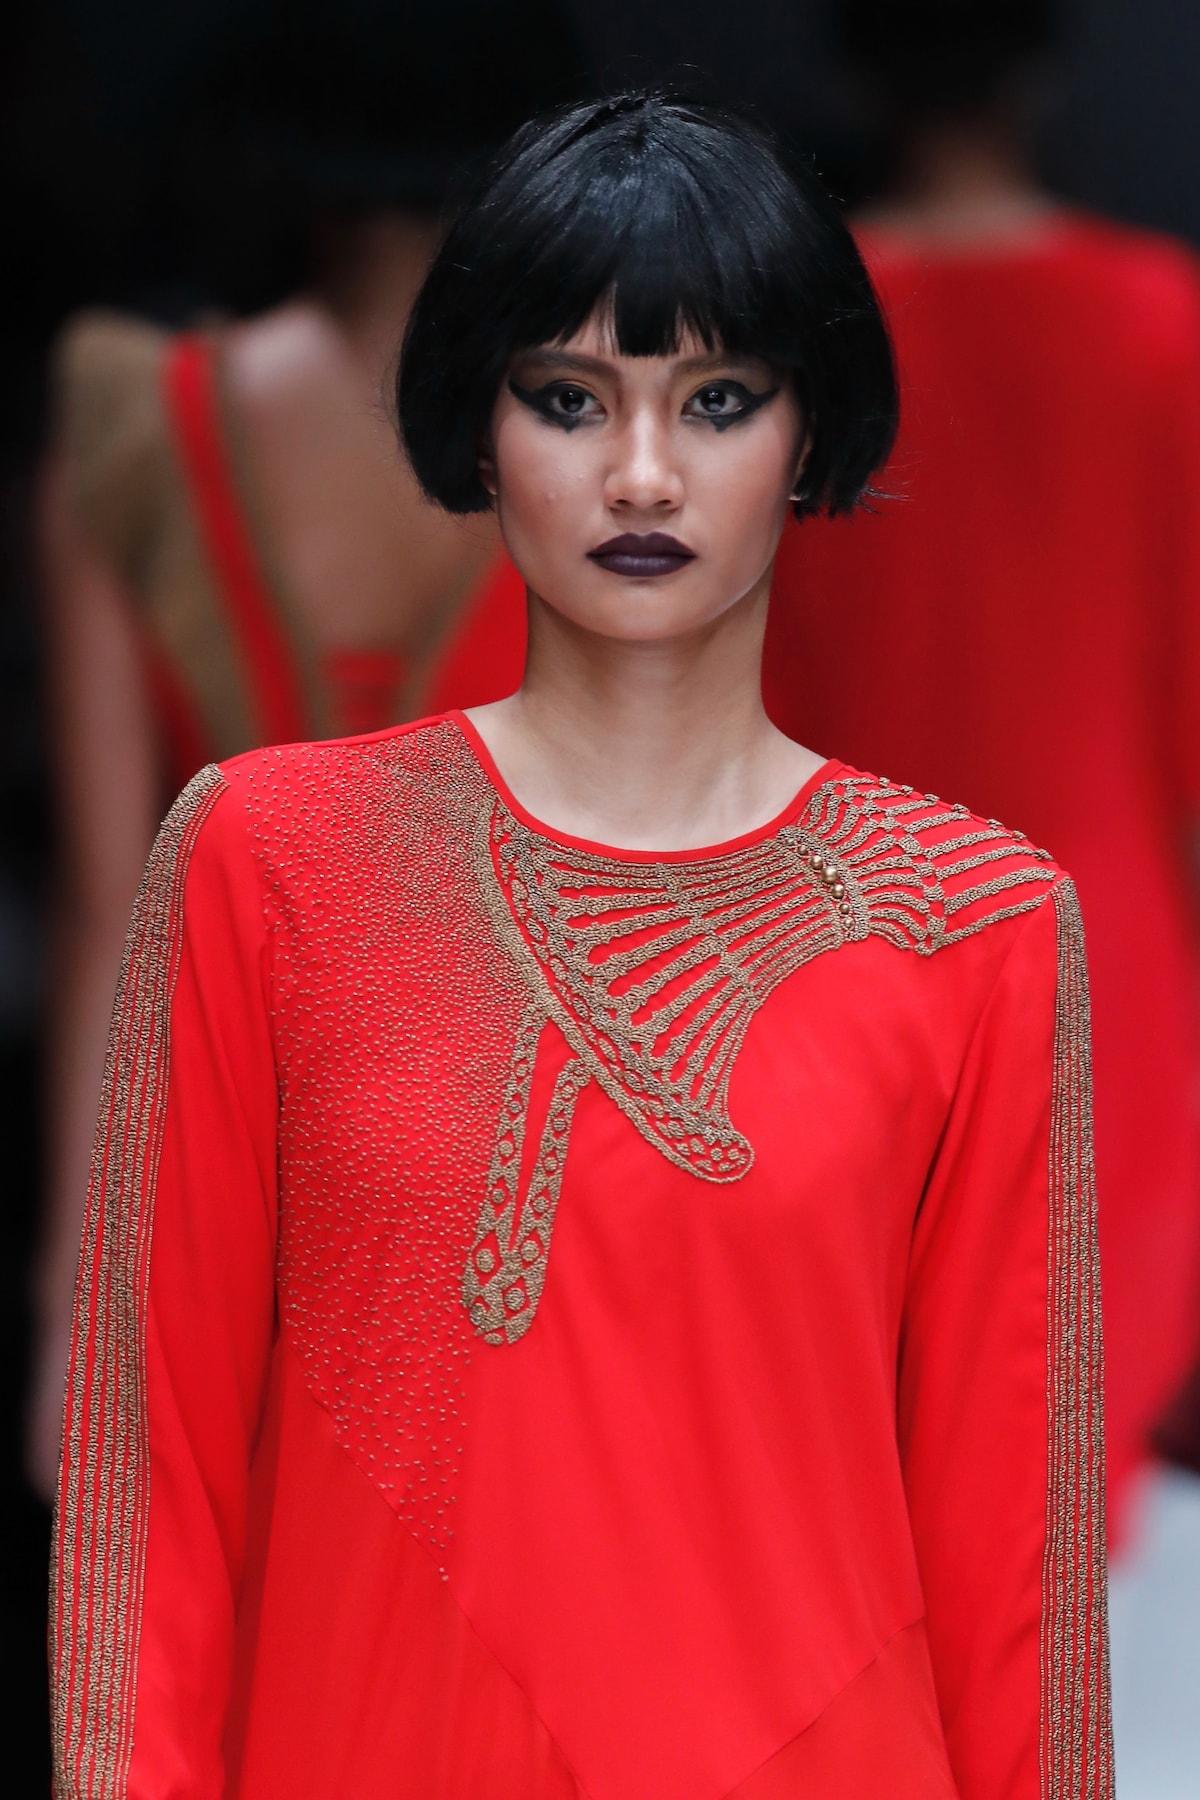 9. wanita asia dengan model rambut bob pendek gaya bowl cut